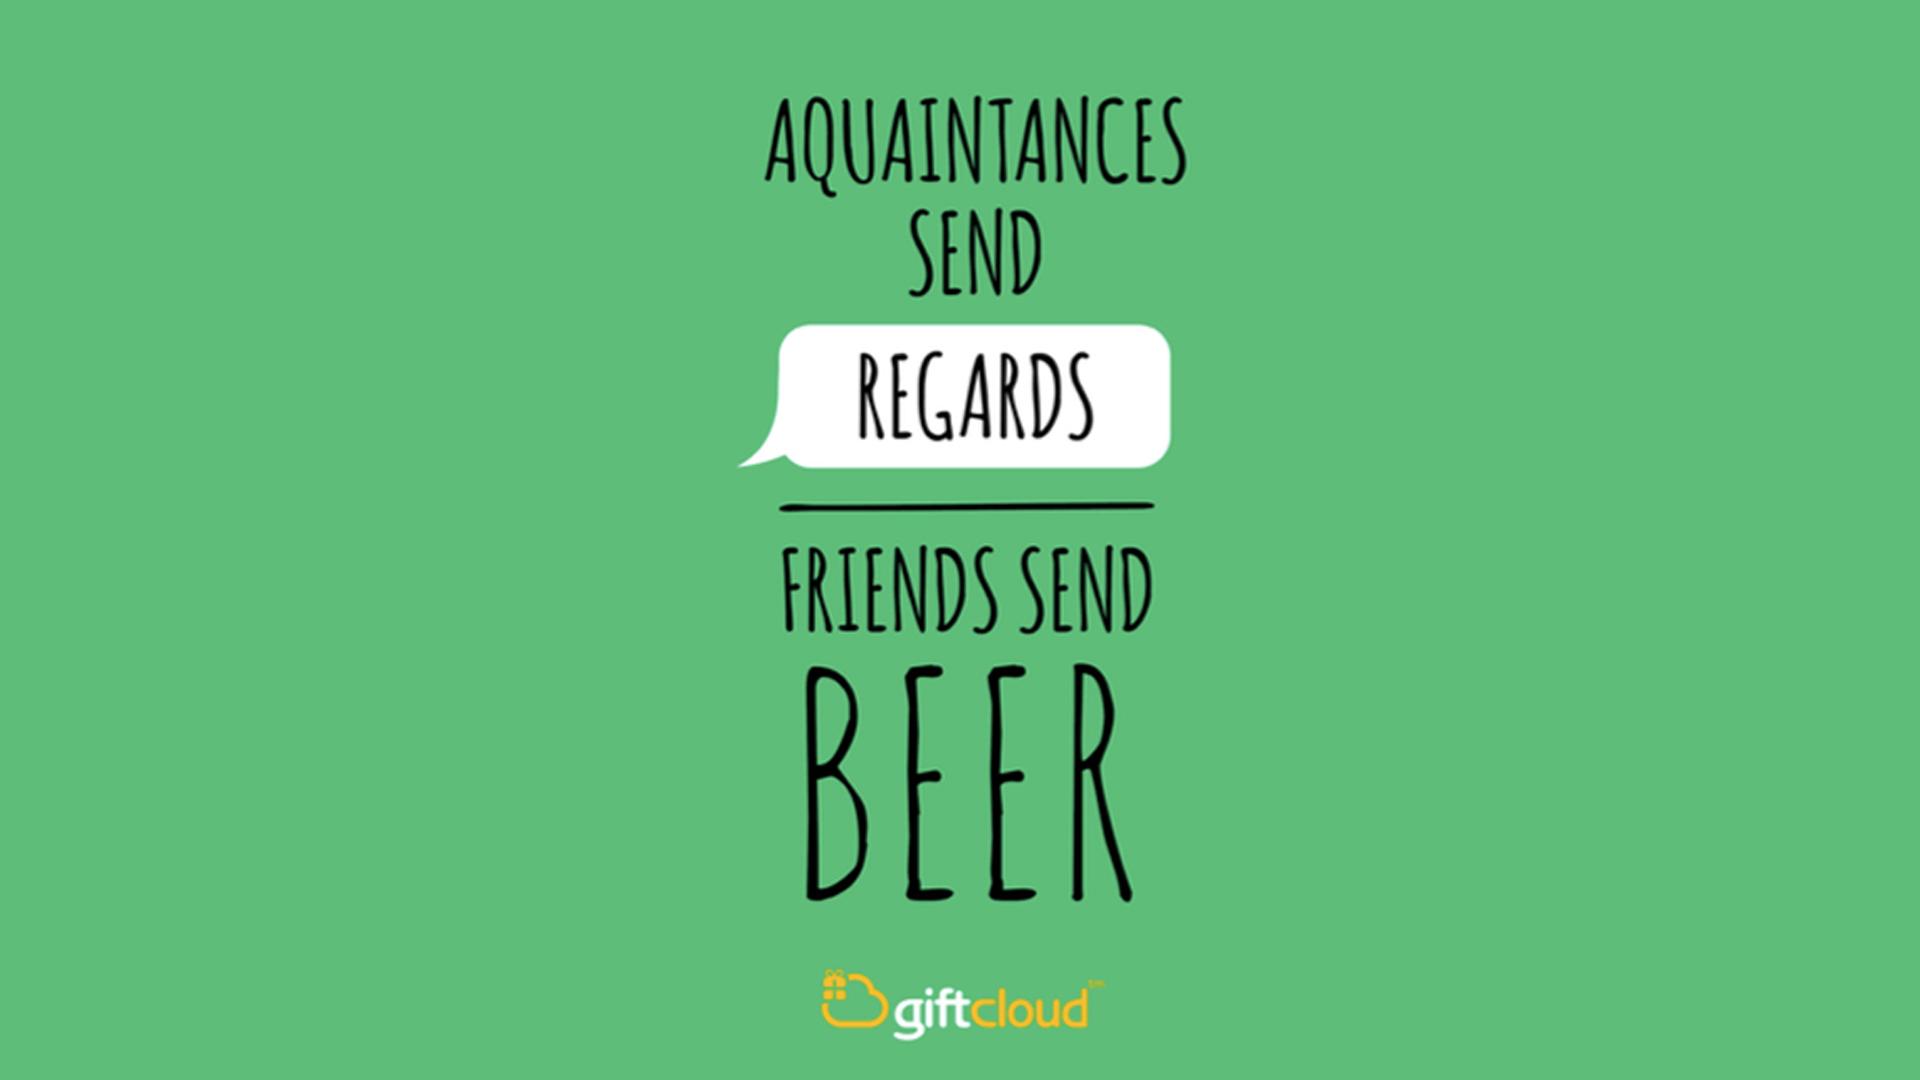 1920x1080_Giftcloud_Friends_Send_Beer.png